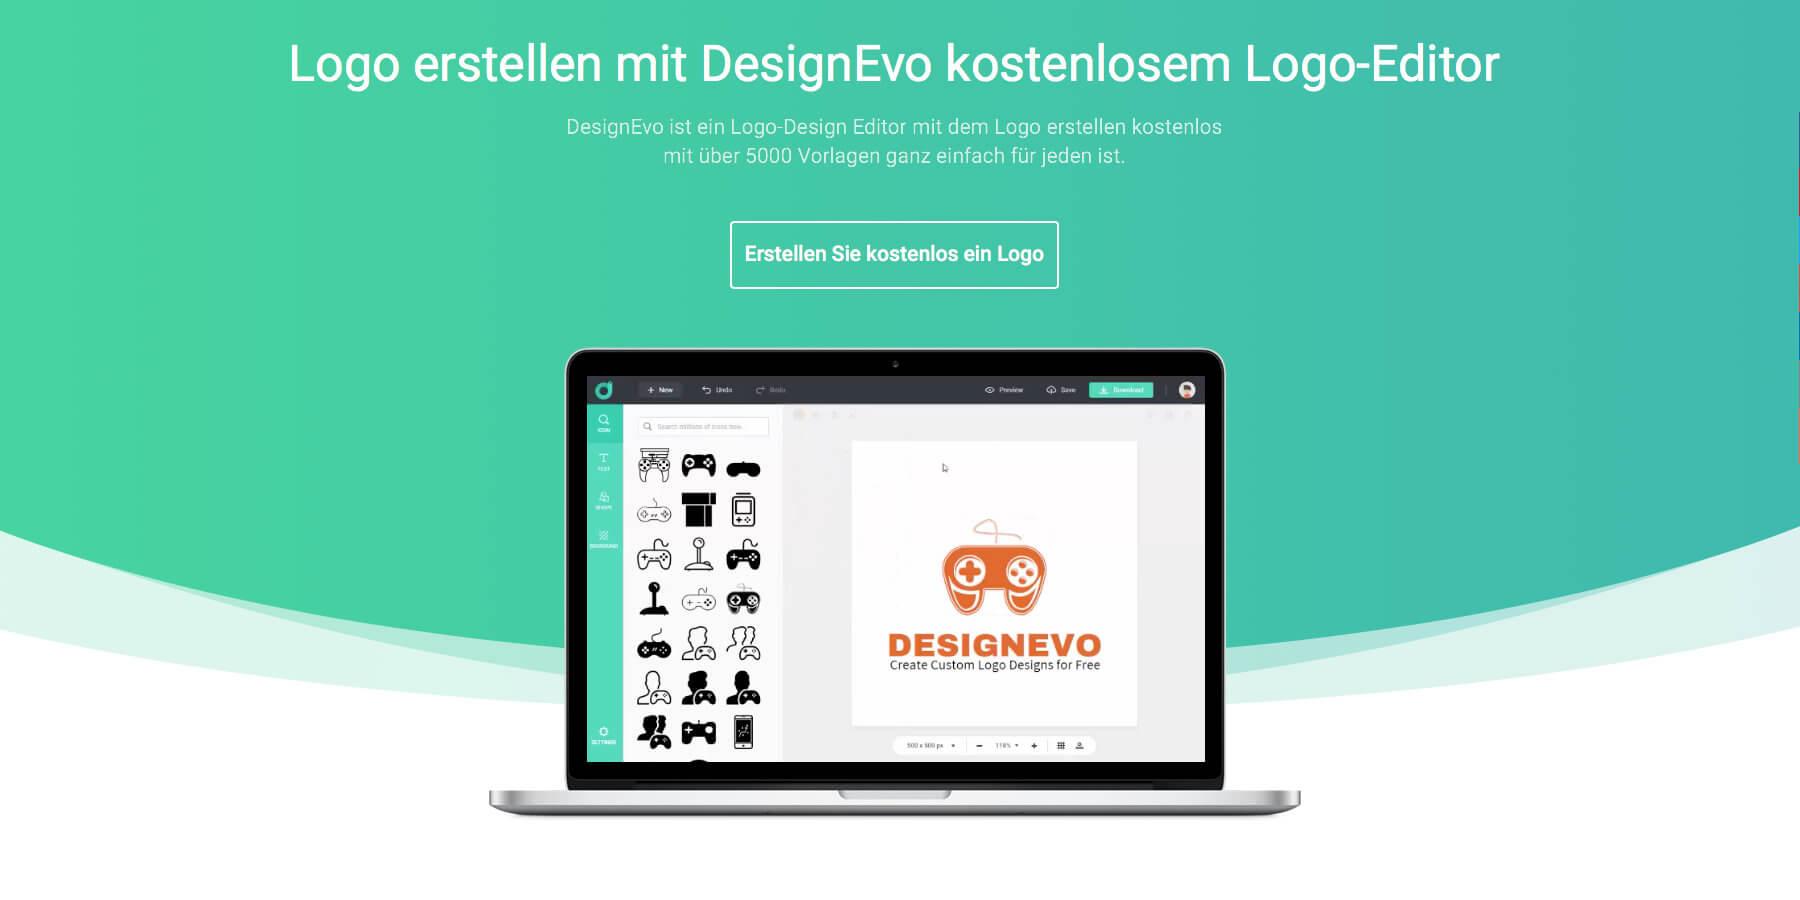 Designevo Im Test Online Kostenlos Ein Logo Erstellen